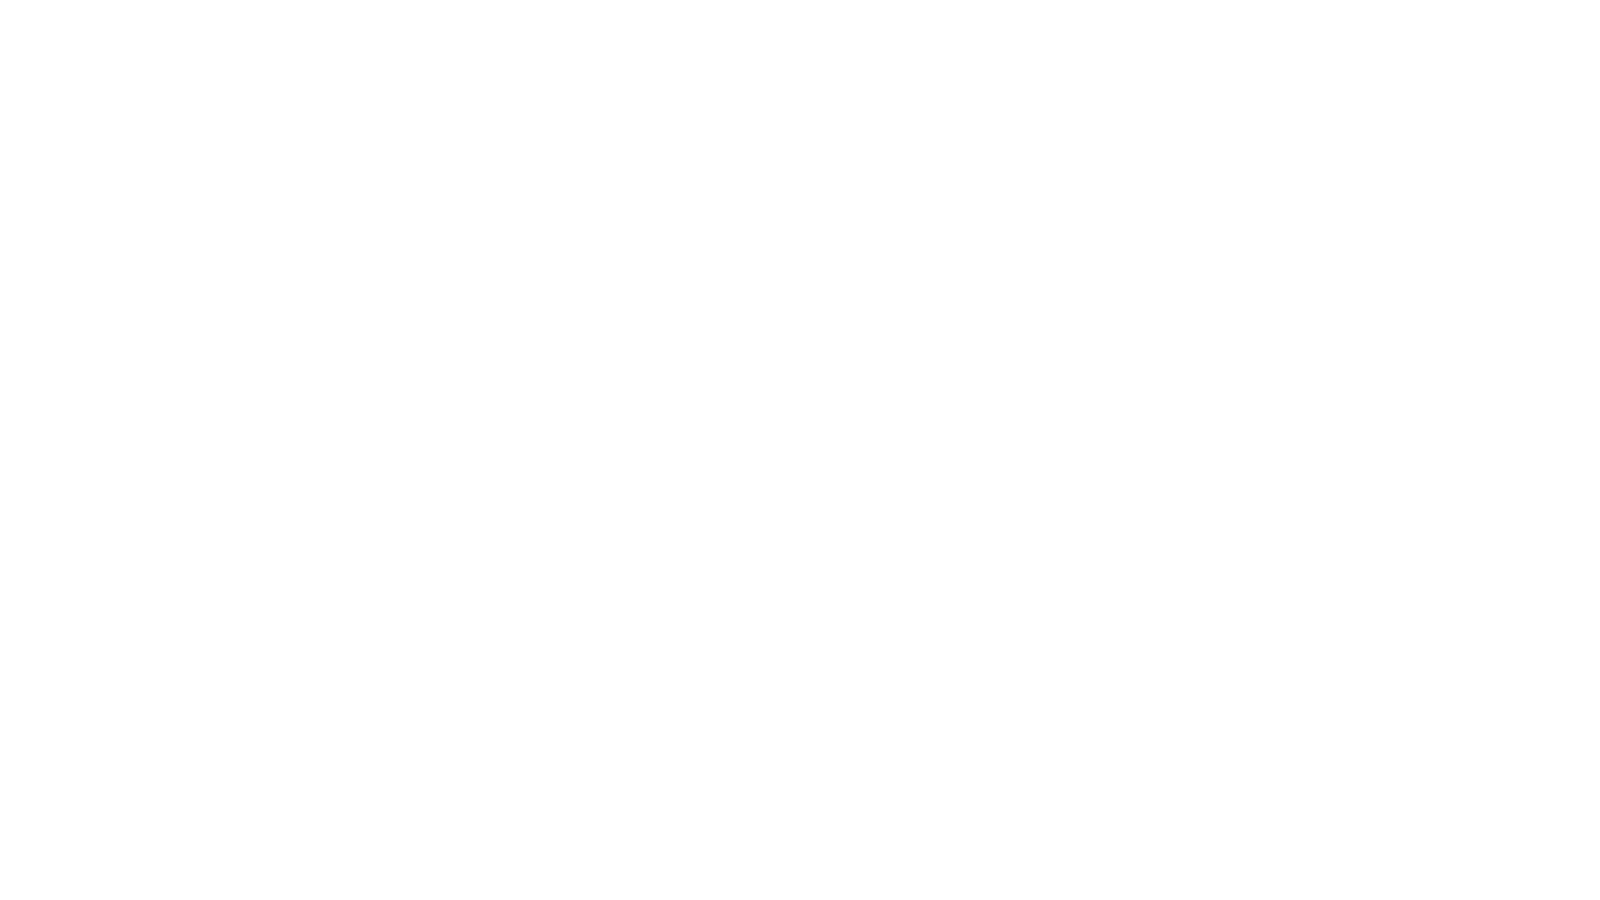 #山県市#体験#香り会館#ハーブレンド  香り会館近くにあるサイクリングロードは桜が満開となっています!  香り会館・ハーブレンド https://kaori-yamagata.dolphin-group.co.jp/